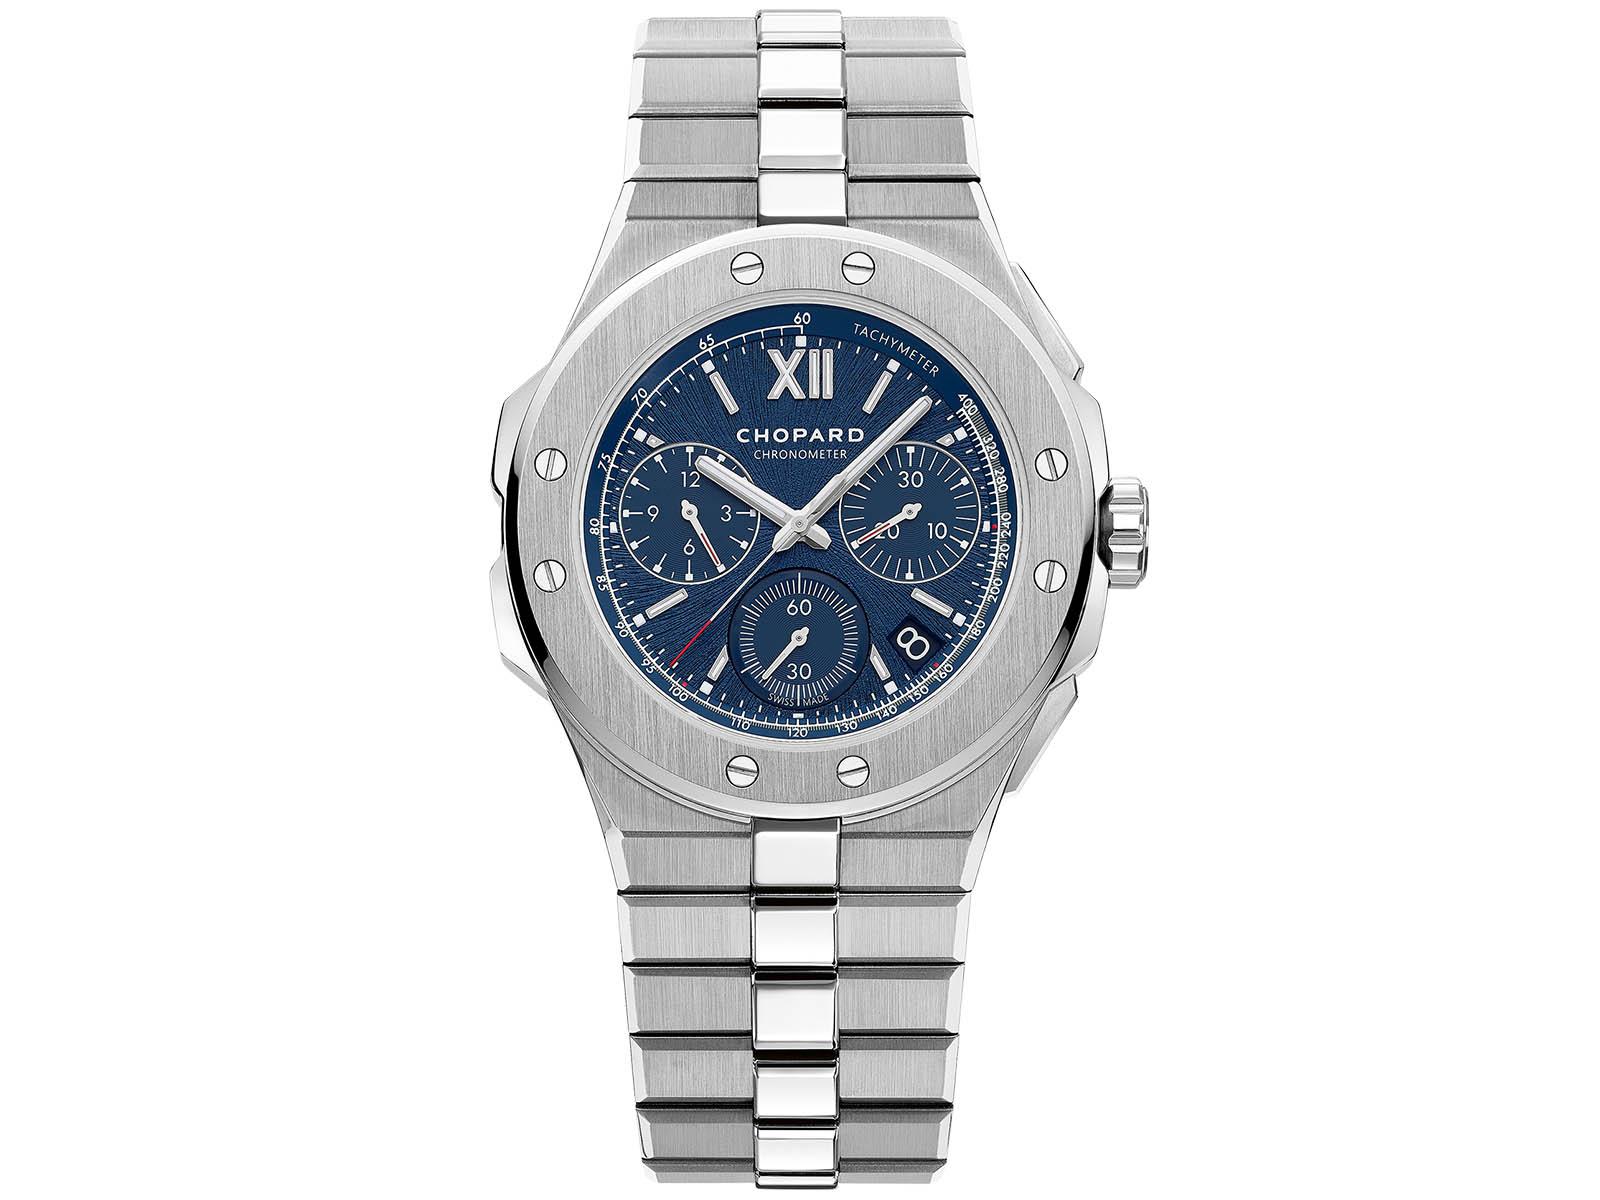 298609-3001-chopard-alpine-eagle-xl-chrono-8.jpg